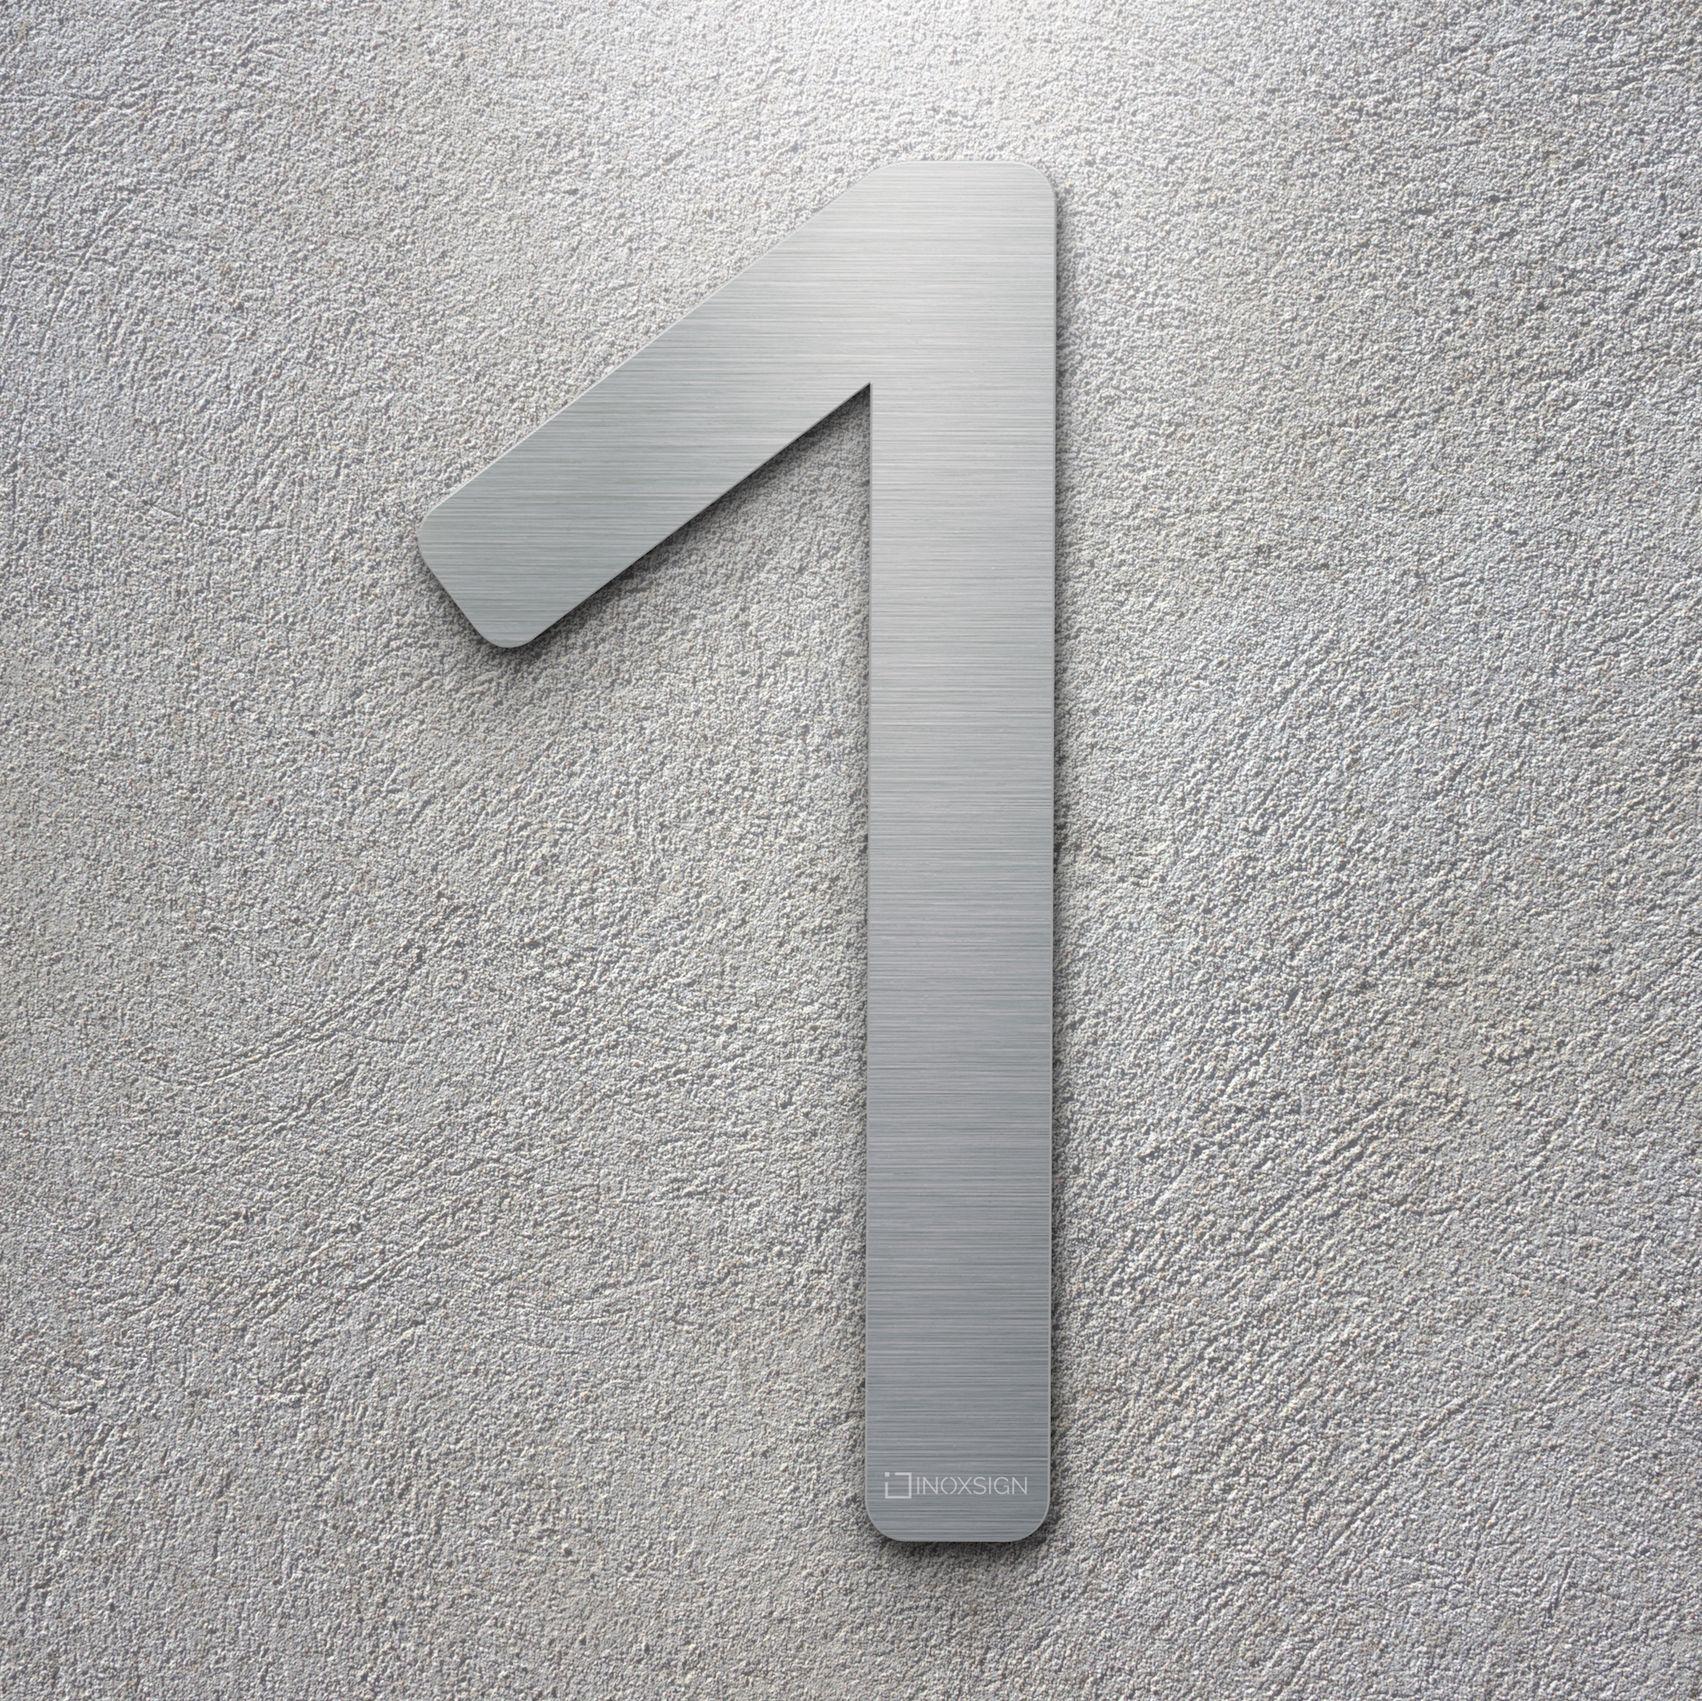 Neu inoxsign edelstahl hausnummer 1 moderne hausnummern aus edelstahl gebürstet design hausnummernschilder erhältlich